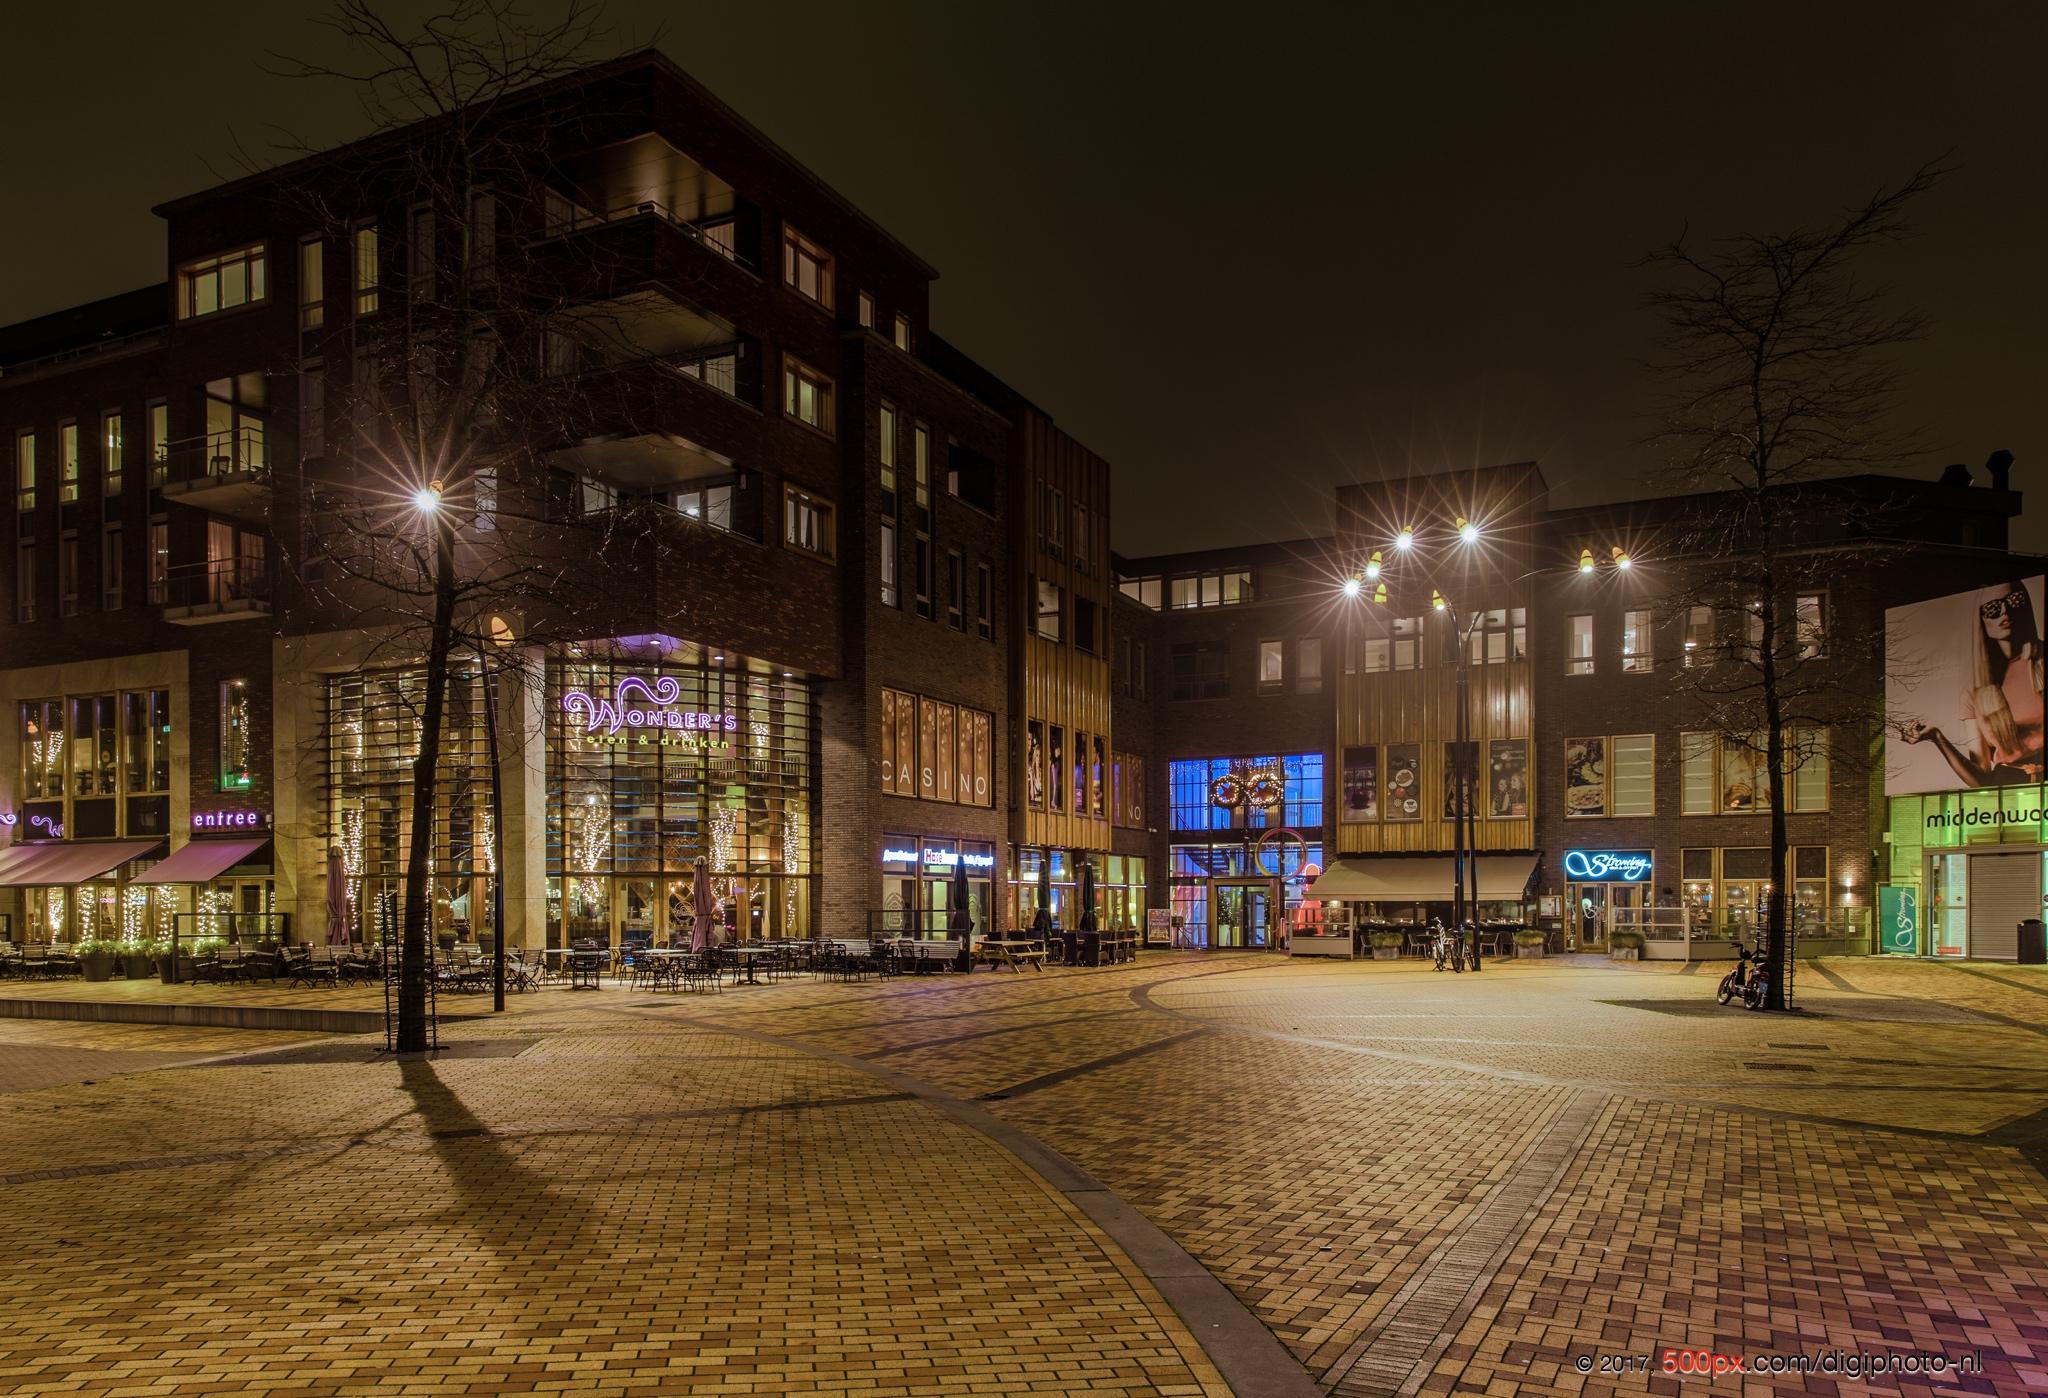 Night in Heerhugowaard, Netherlands